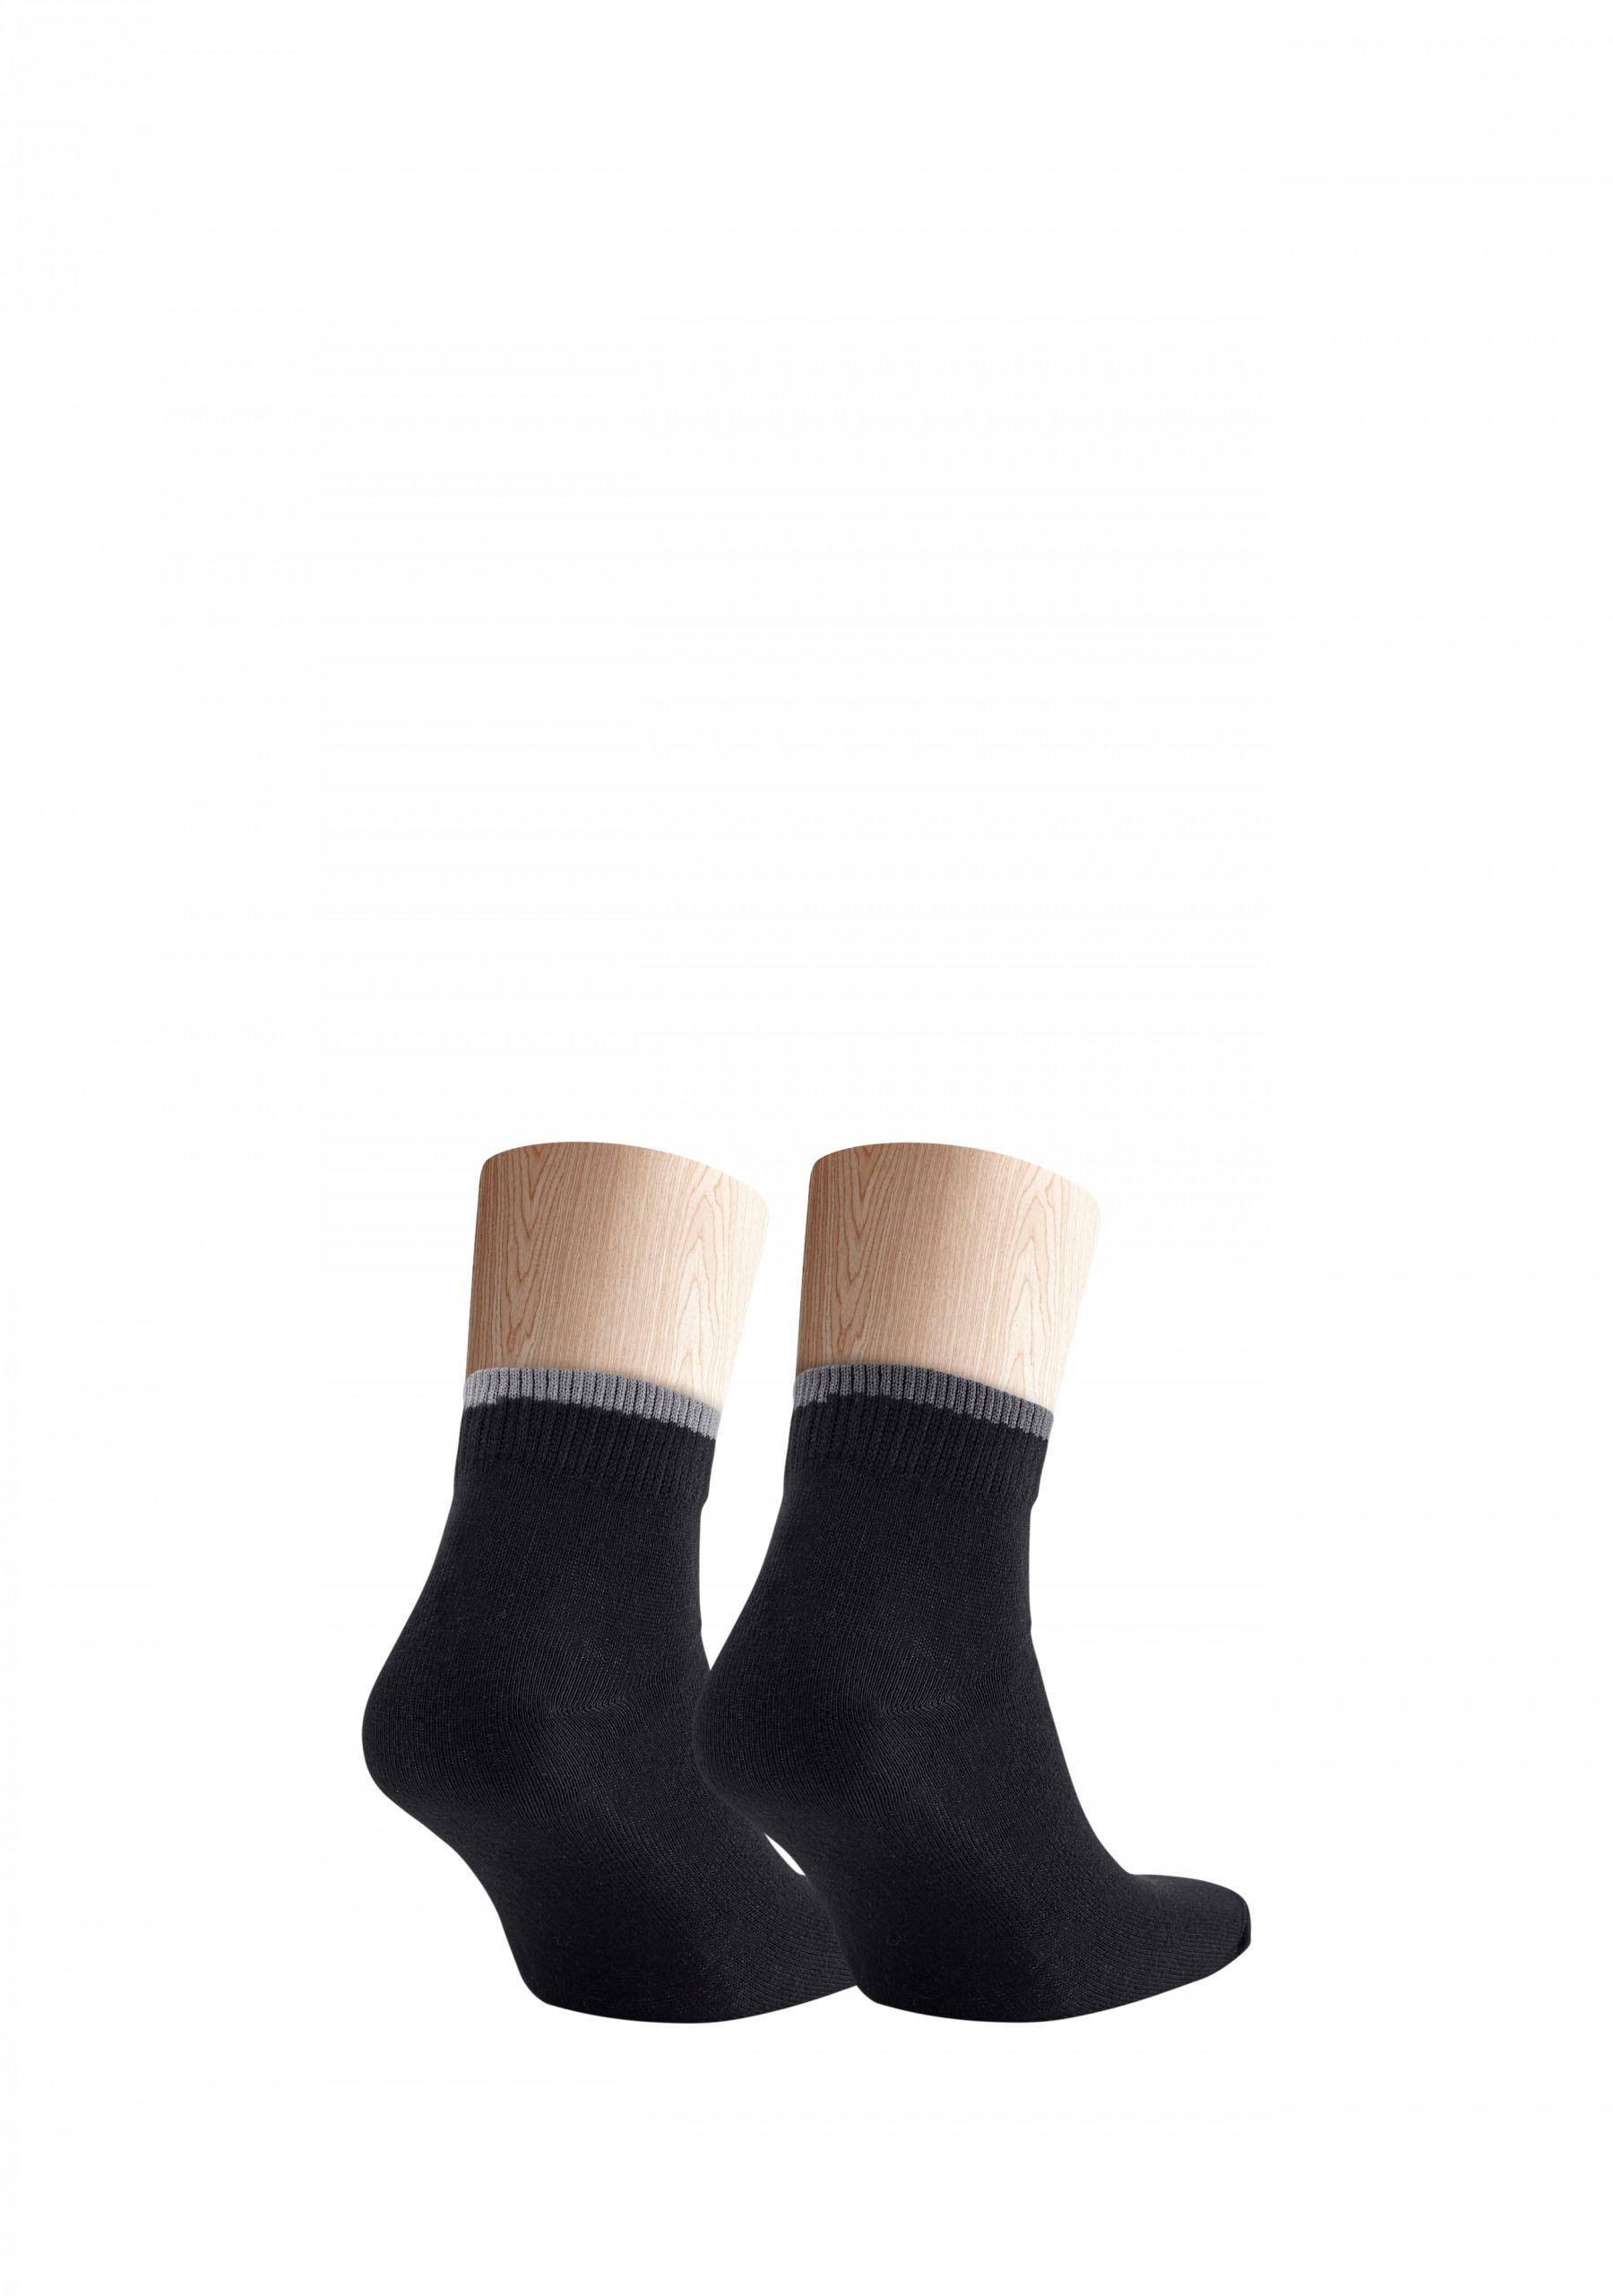 4x elastische Socken mit niedriger Schafthöhe